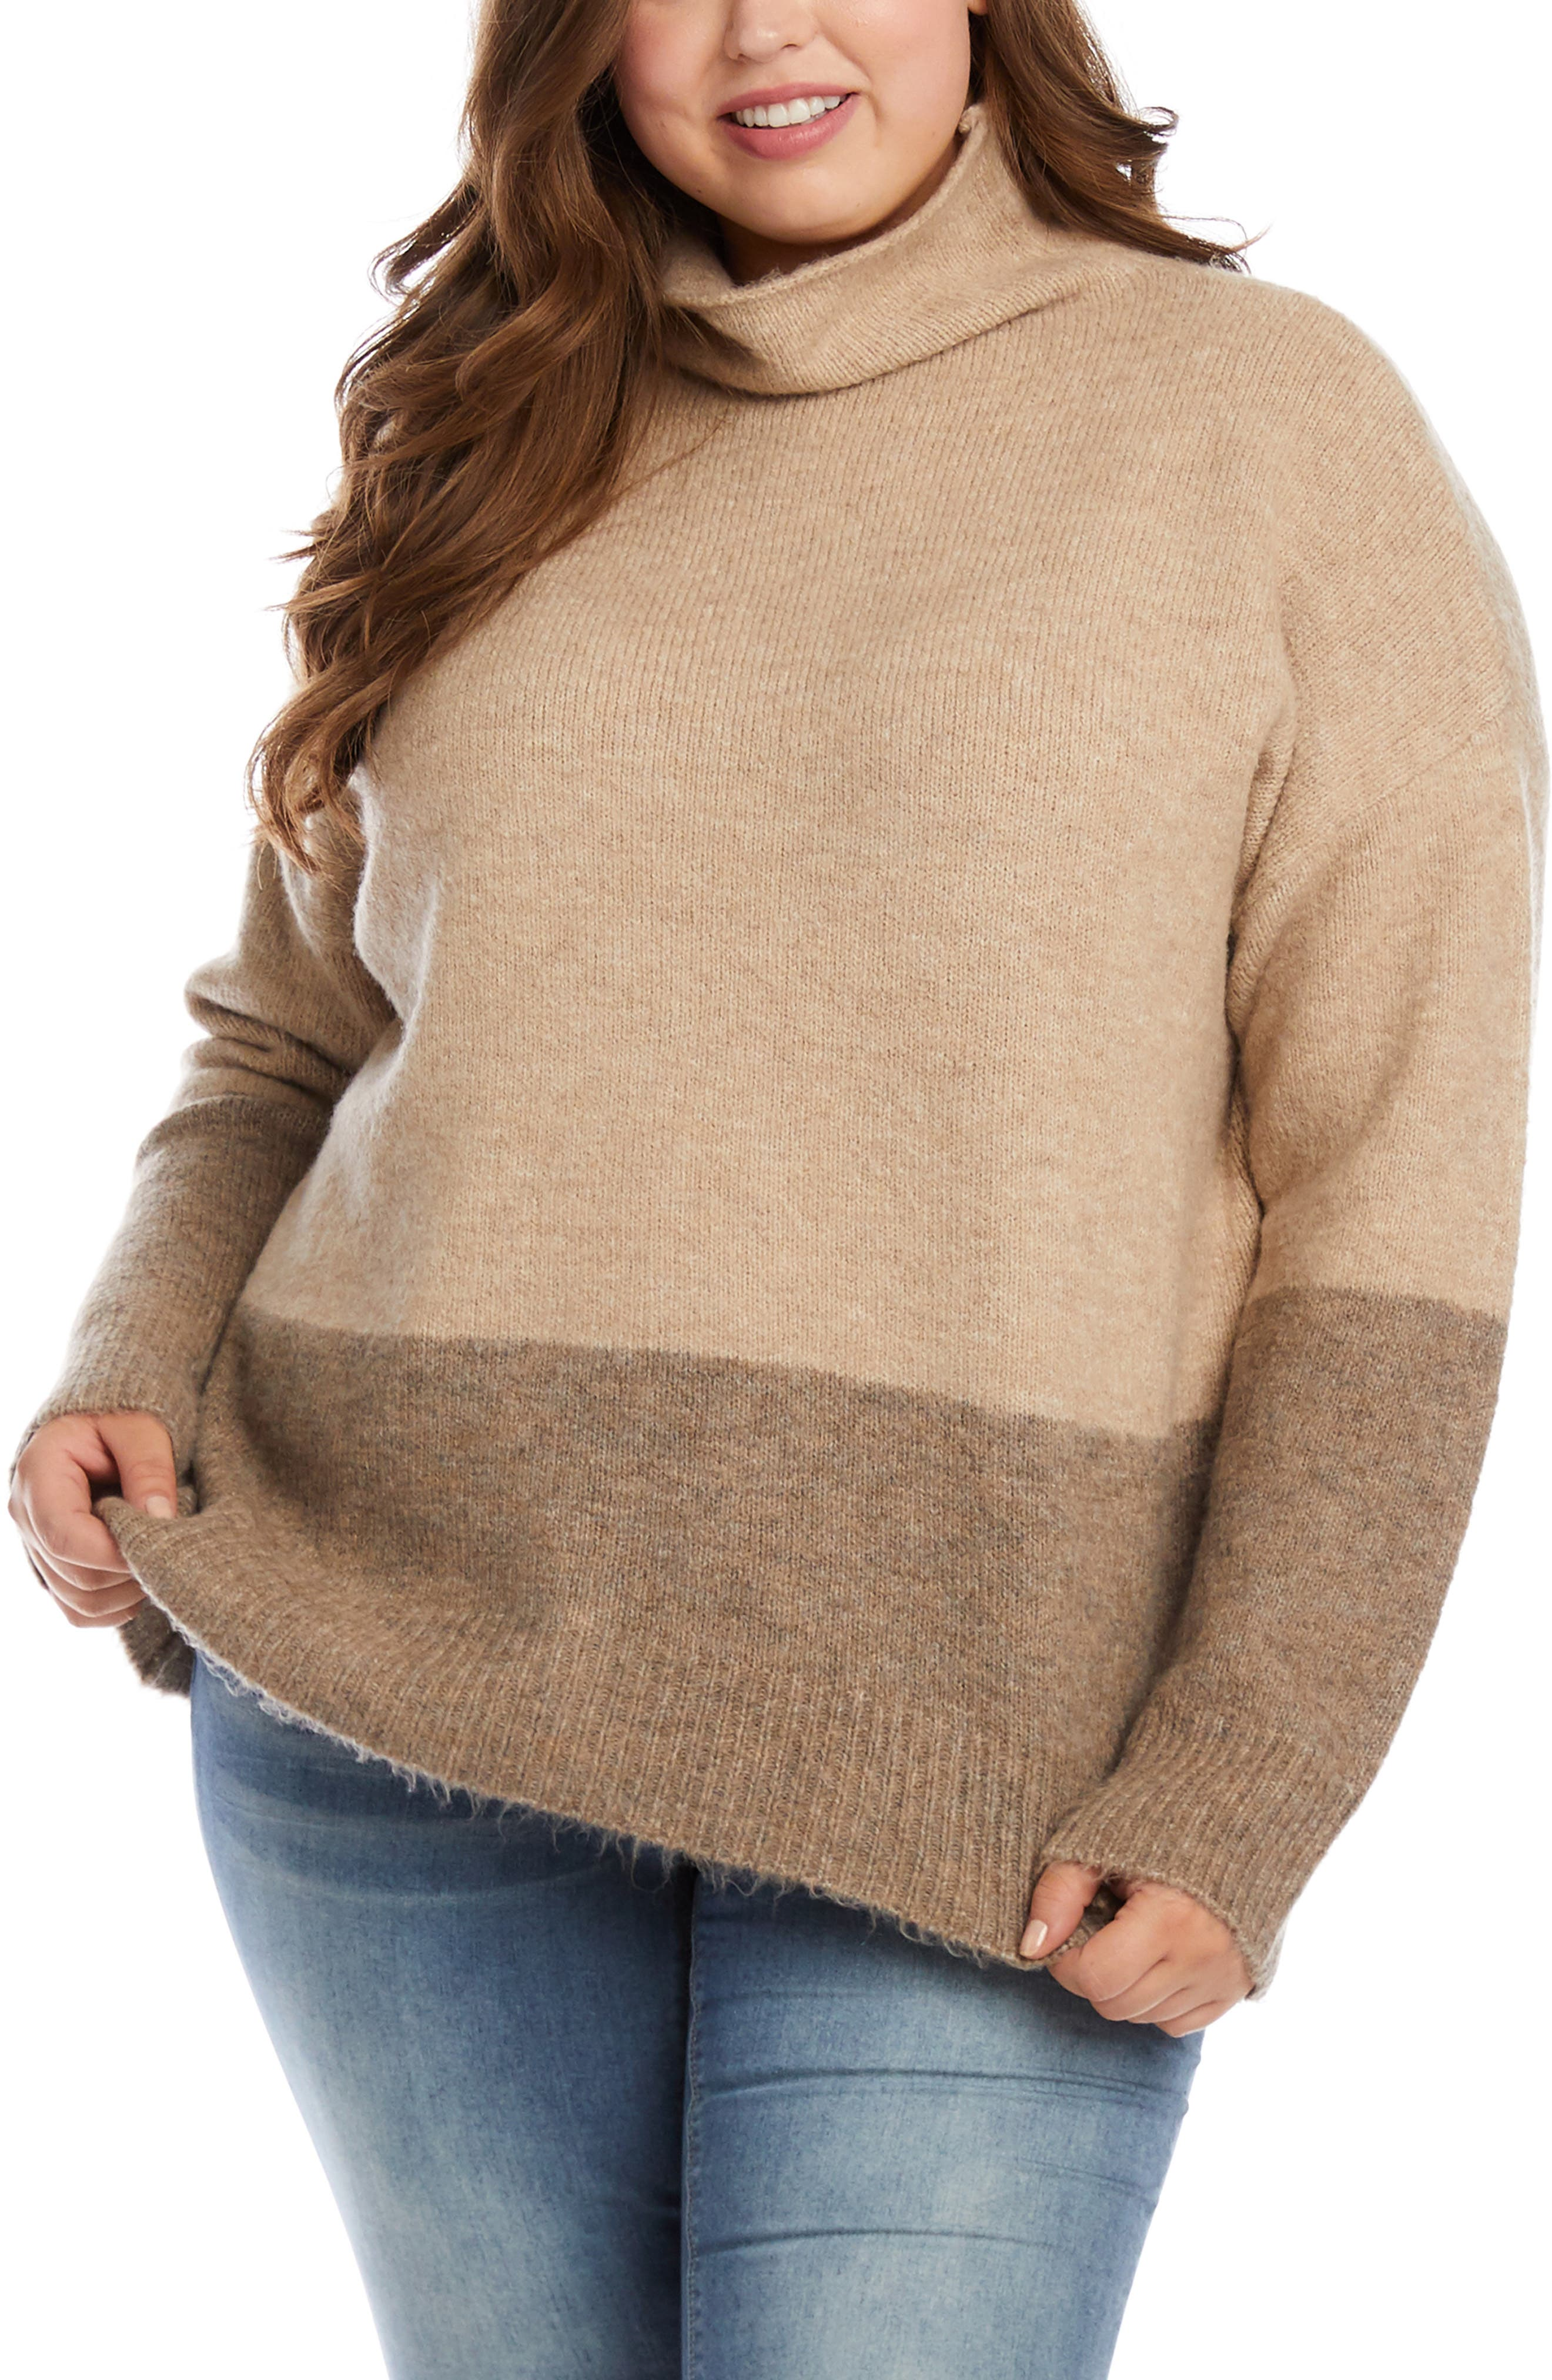 Colorblock Turtleneck Sweater